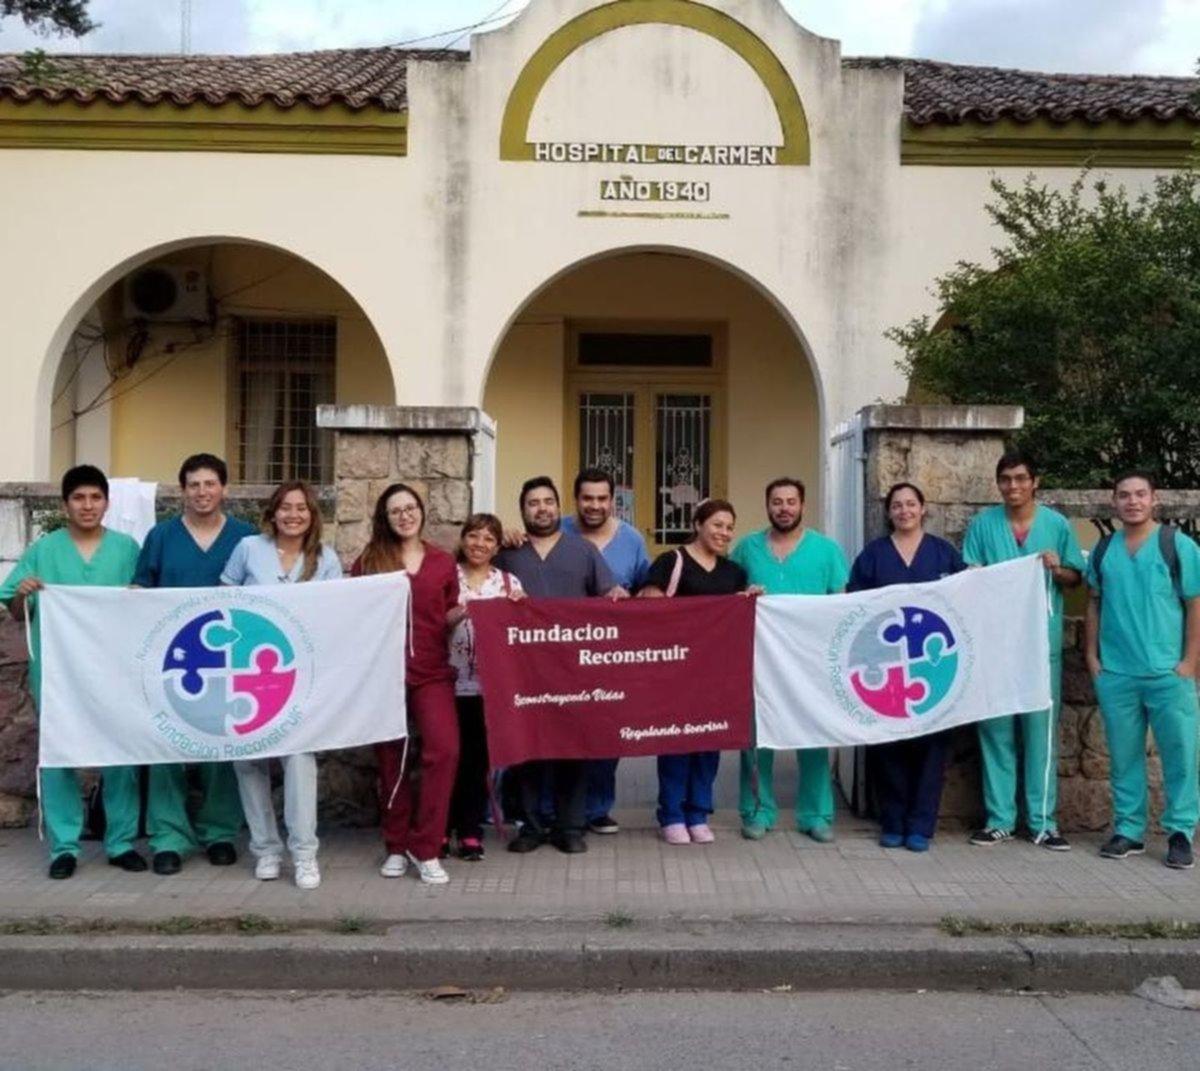 Realizaron 43 cirugías reconstructivas gratuitas